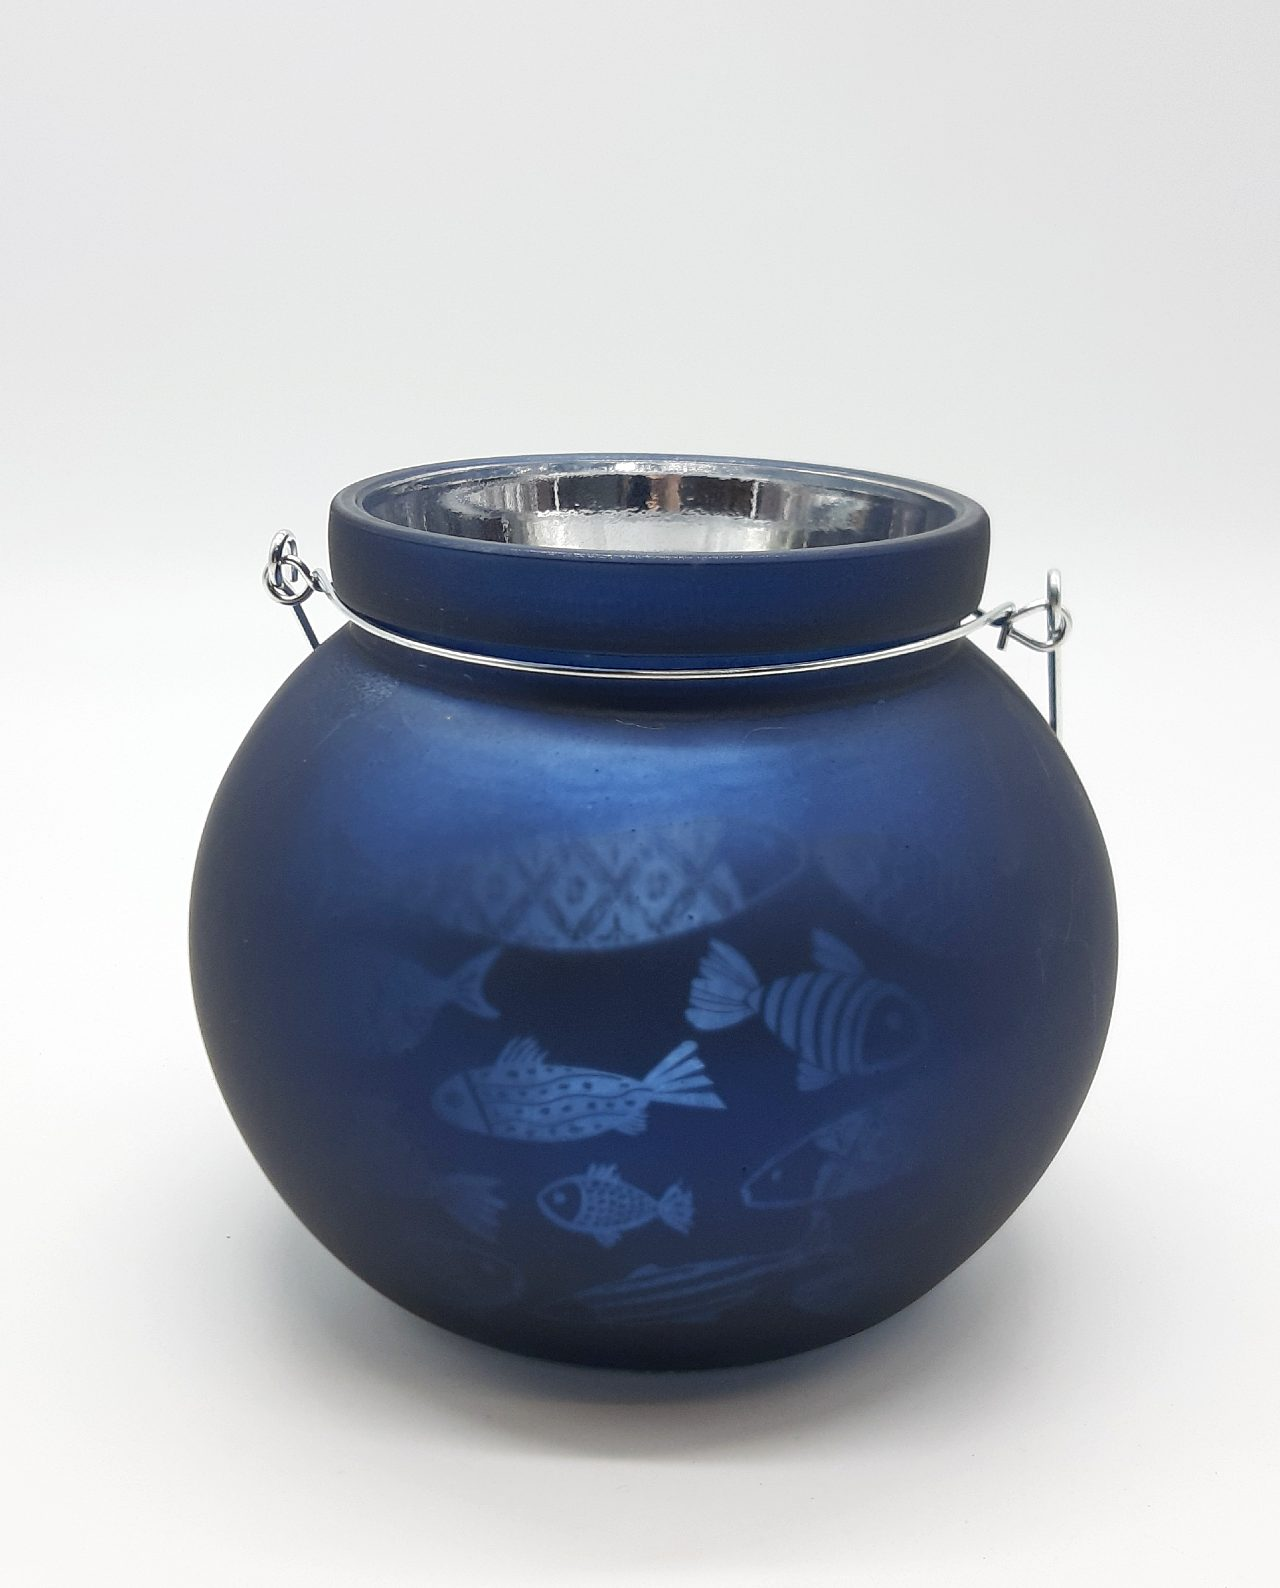 Φαναράκι για ρεσώ γυάλινο μπλε ναυτικό στρογγυλό με ψαράκια